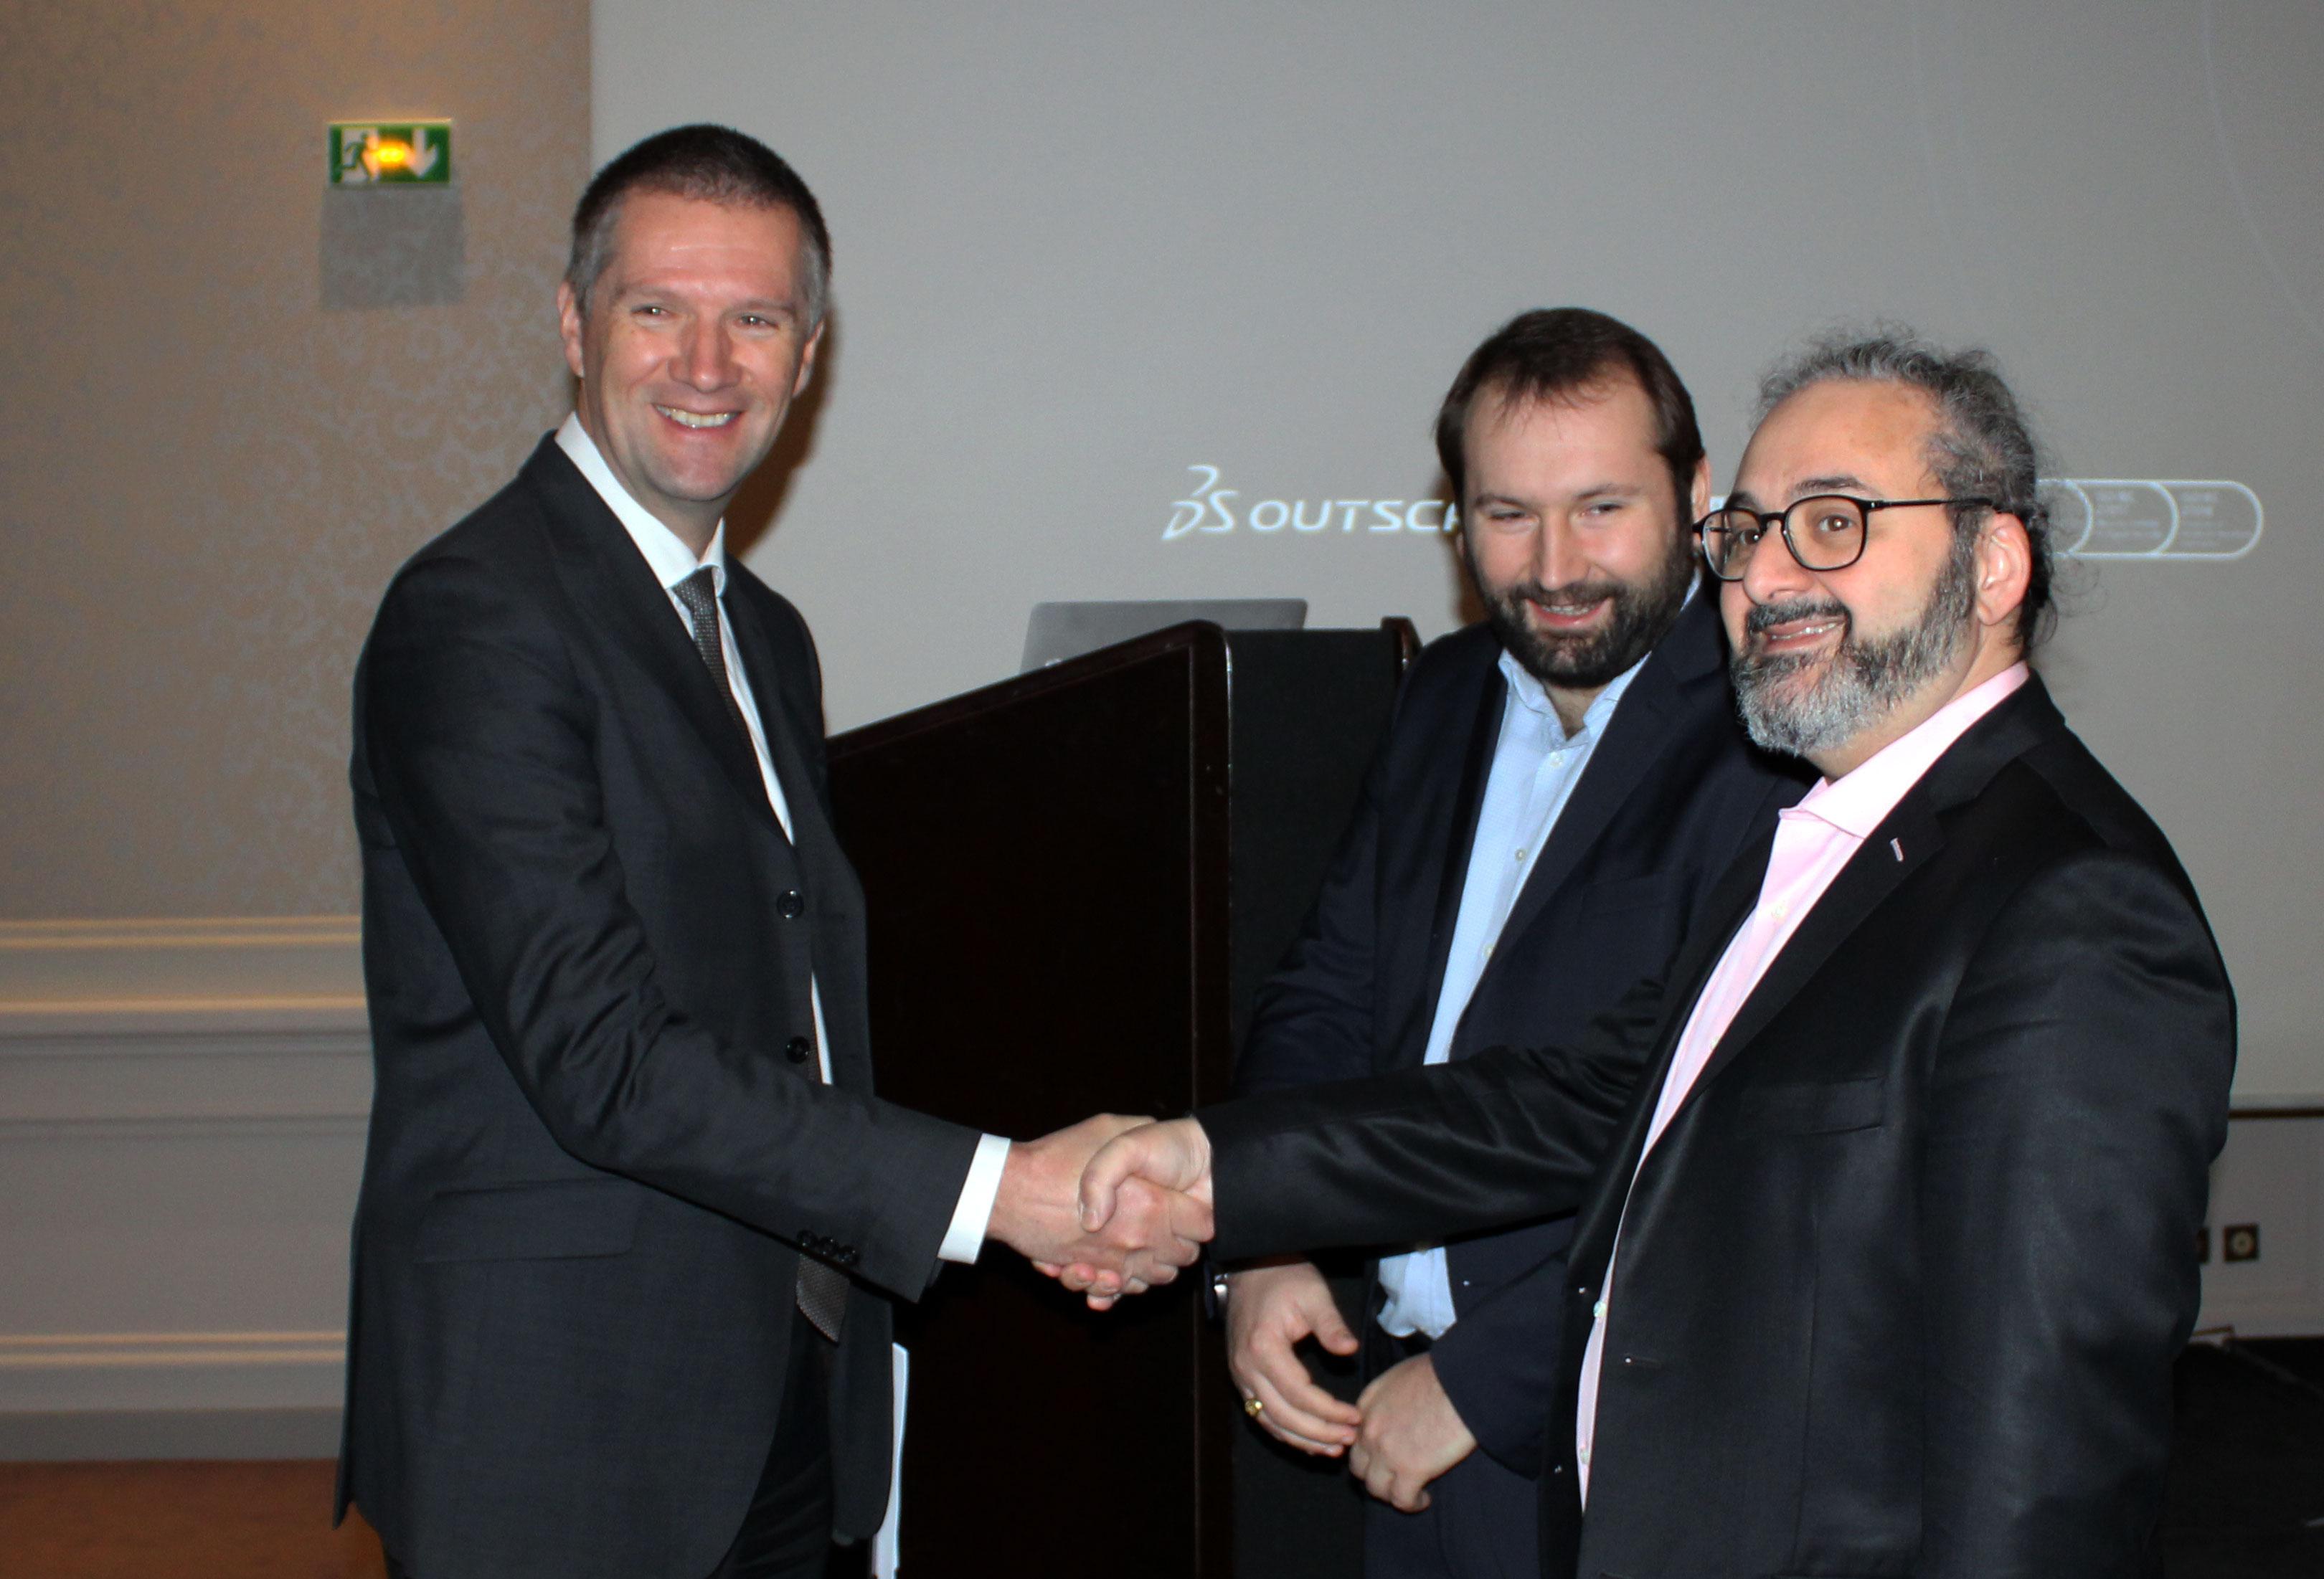 Guillaume Poupard, DG de l'ANSSI avec Edouard Camoin, RSSI 3DS Outscale et Laurent Seror, CEO 3DS Outscale